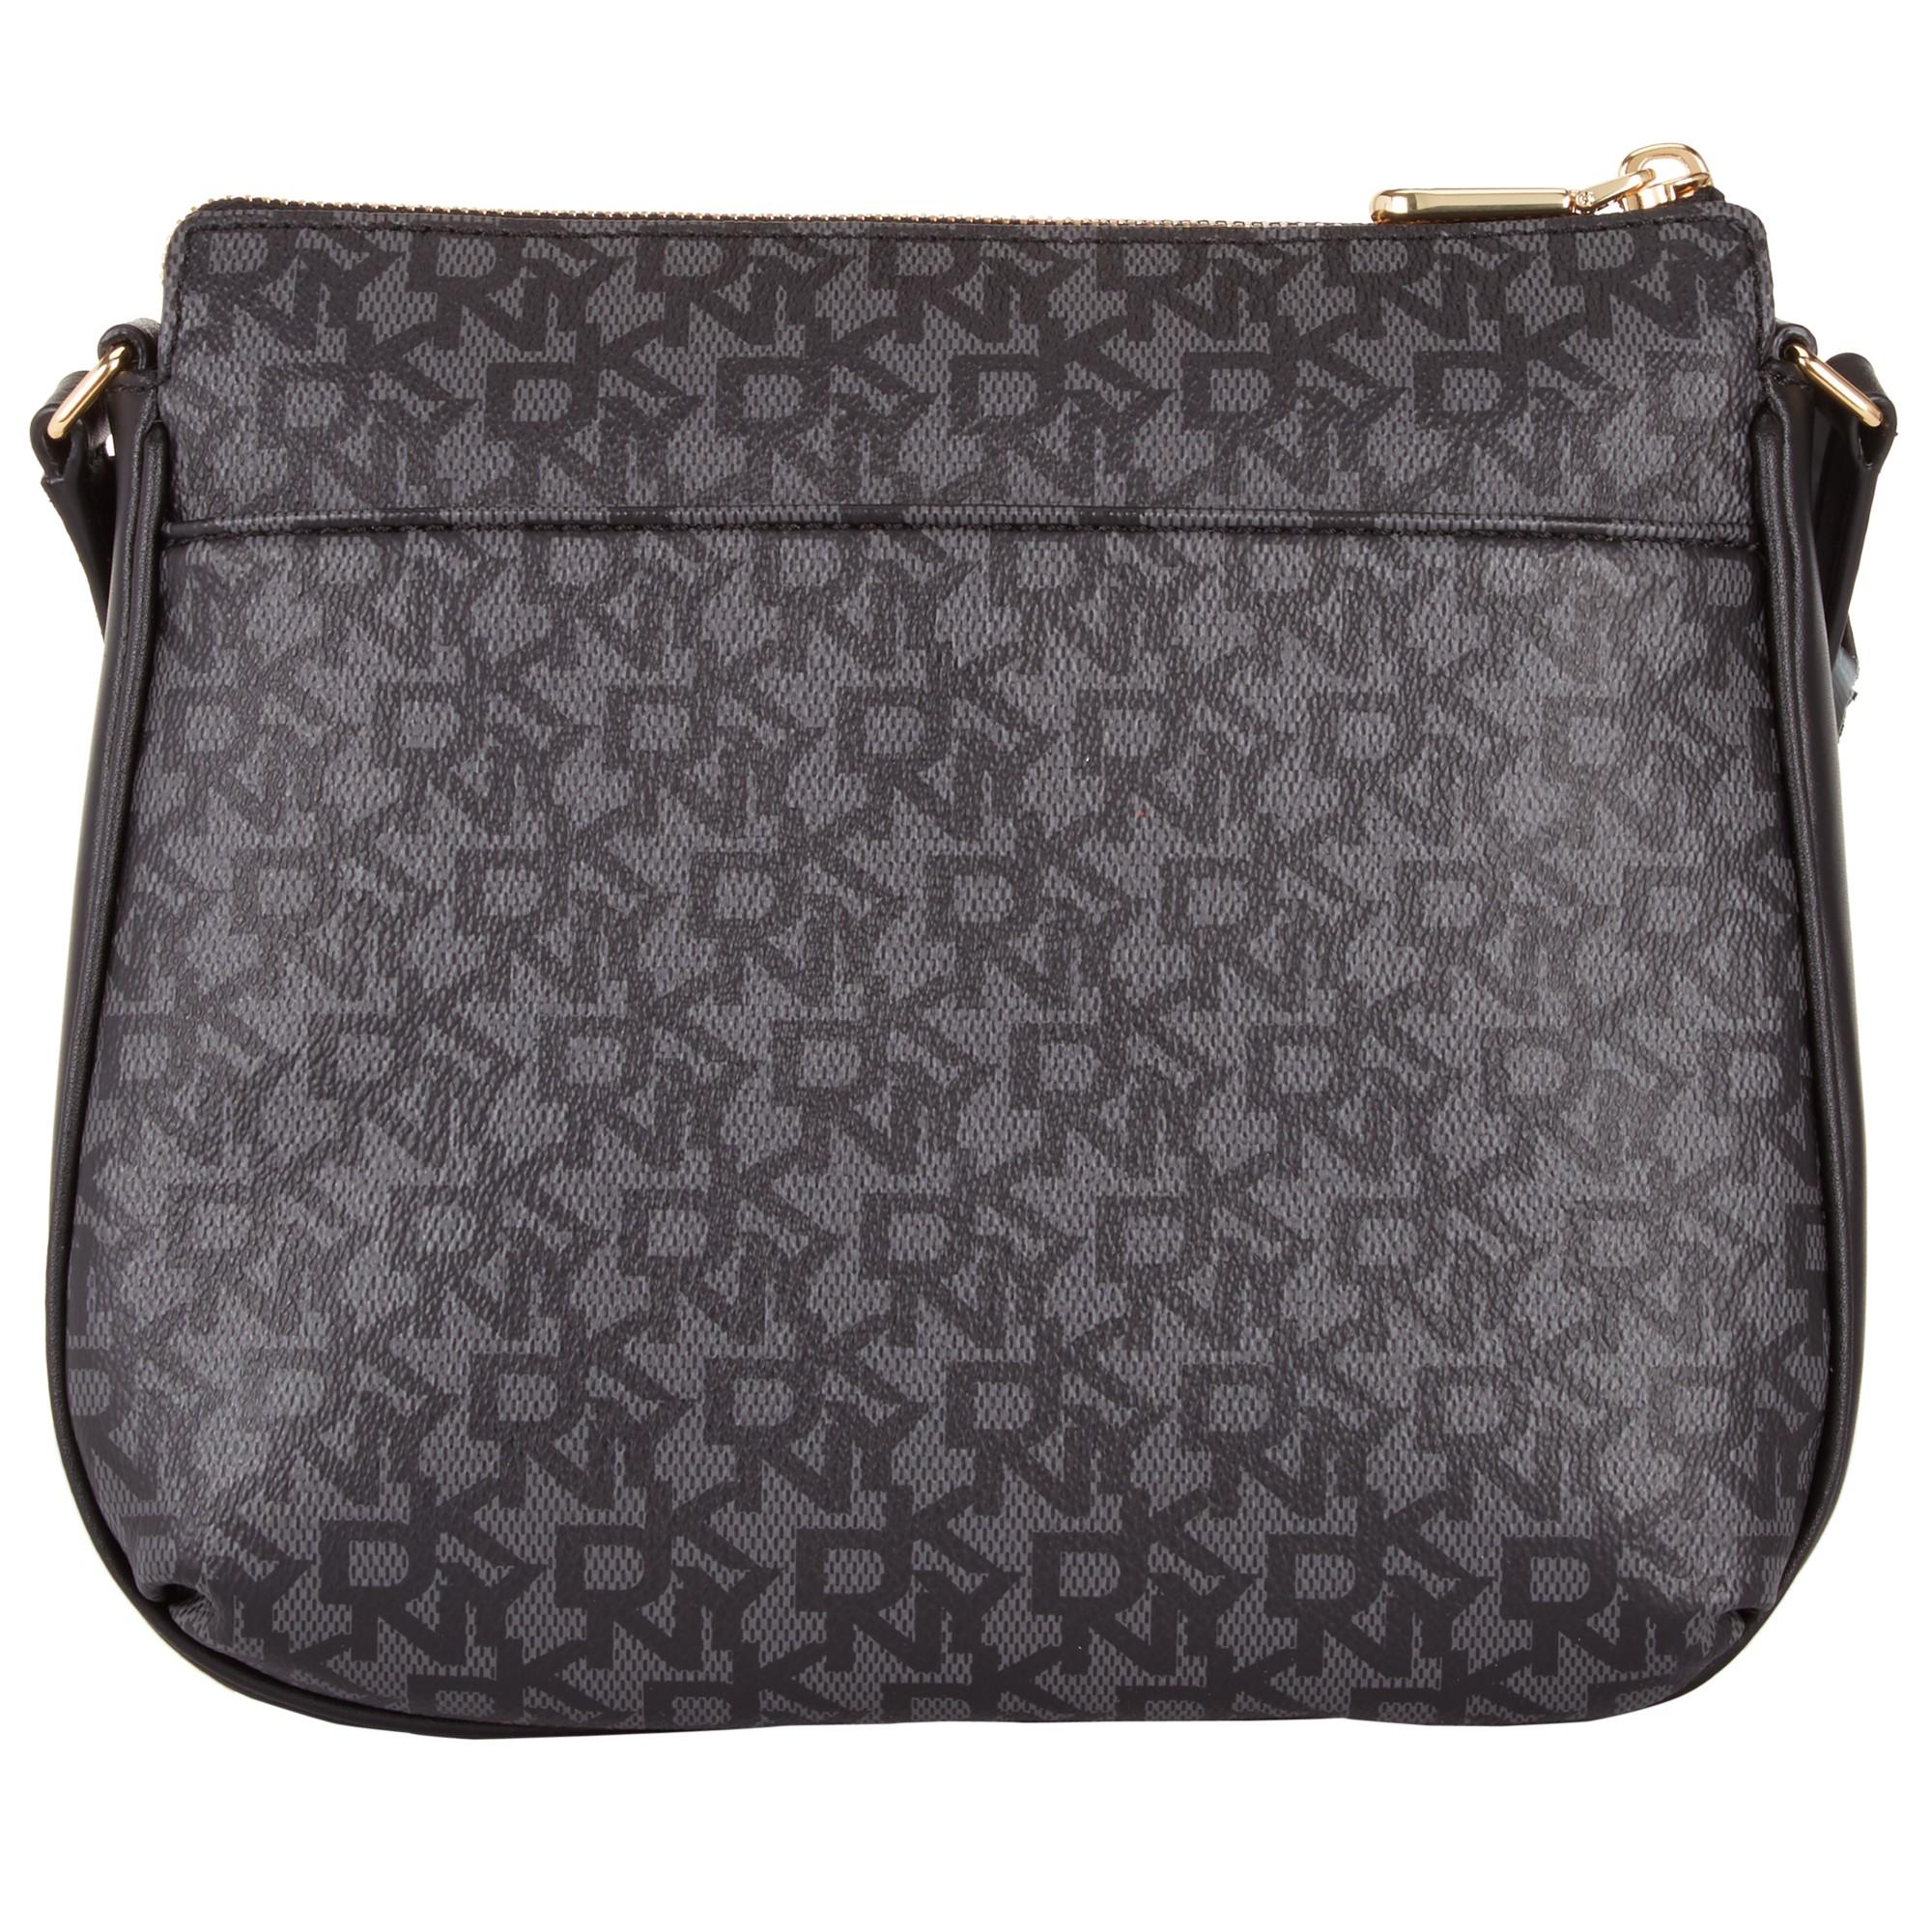 dea904fe5b1a DKNY Heritage Coated Logo Across Body Bag in Black - Lyst